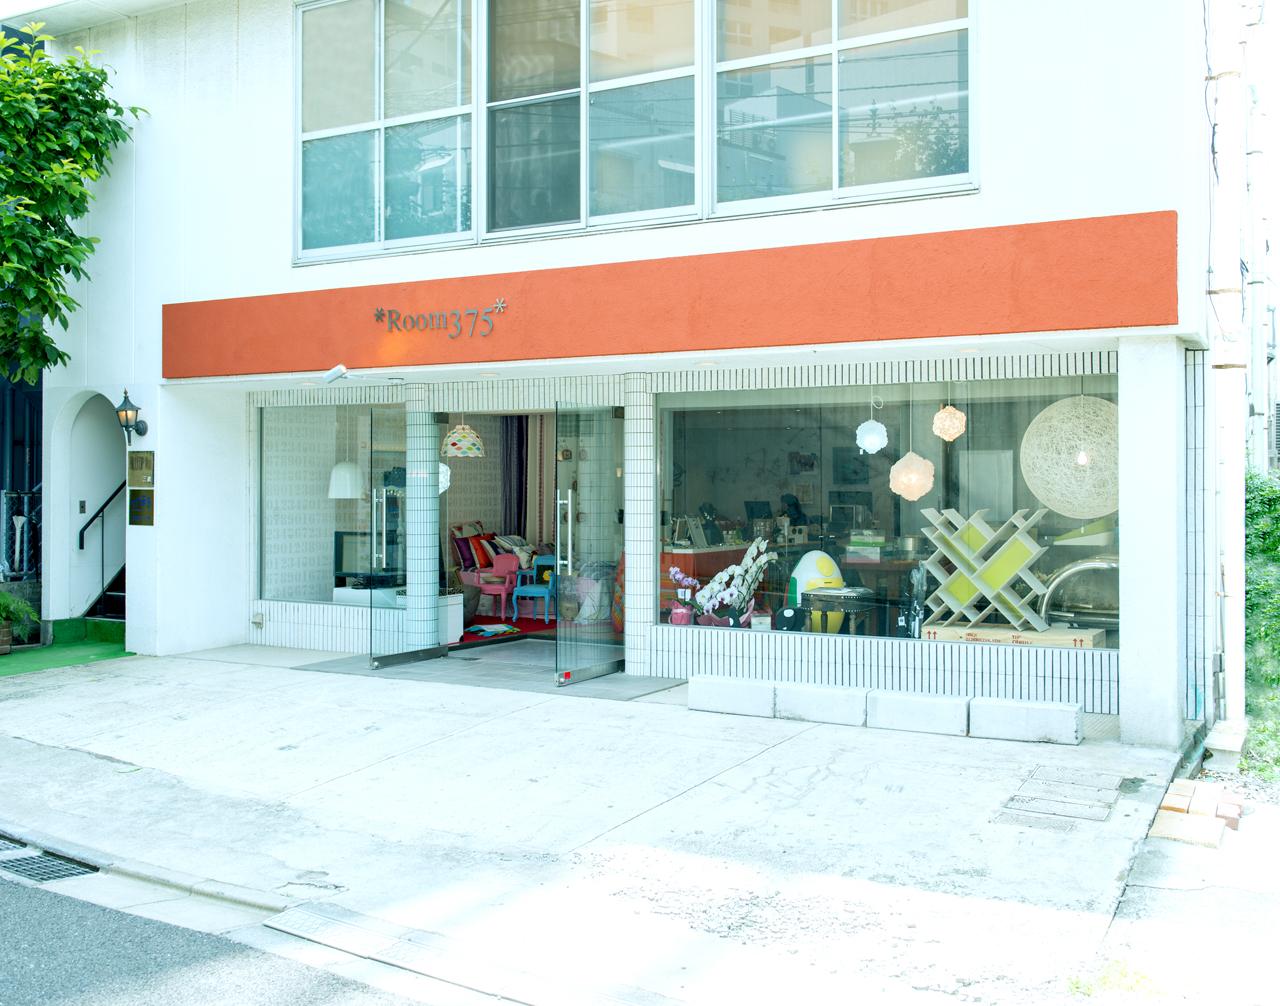 ショールーム型のデザインリフォーム&インテリアコーディネートショップ Room375・南青山にオープンのご案内 ~オシャレでセンスのよいフィフォームをしたい方のためのハイエンド・ハイデザイン志向のセレクトショップ~